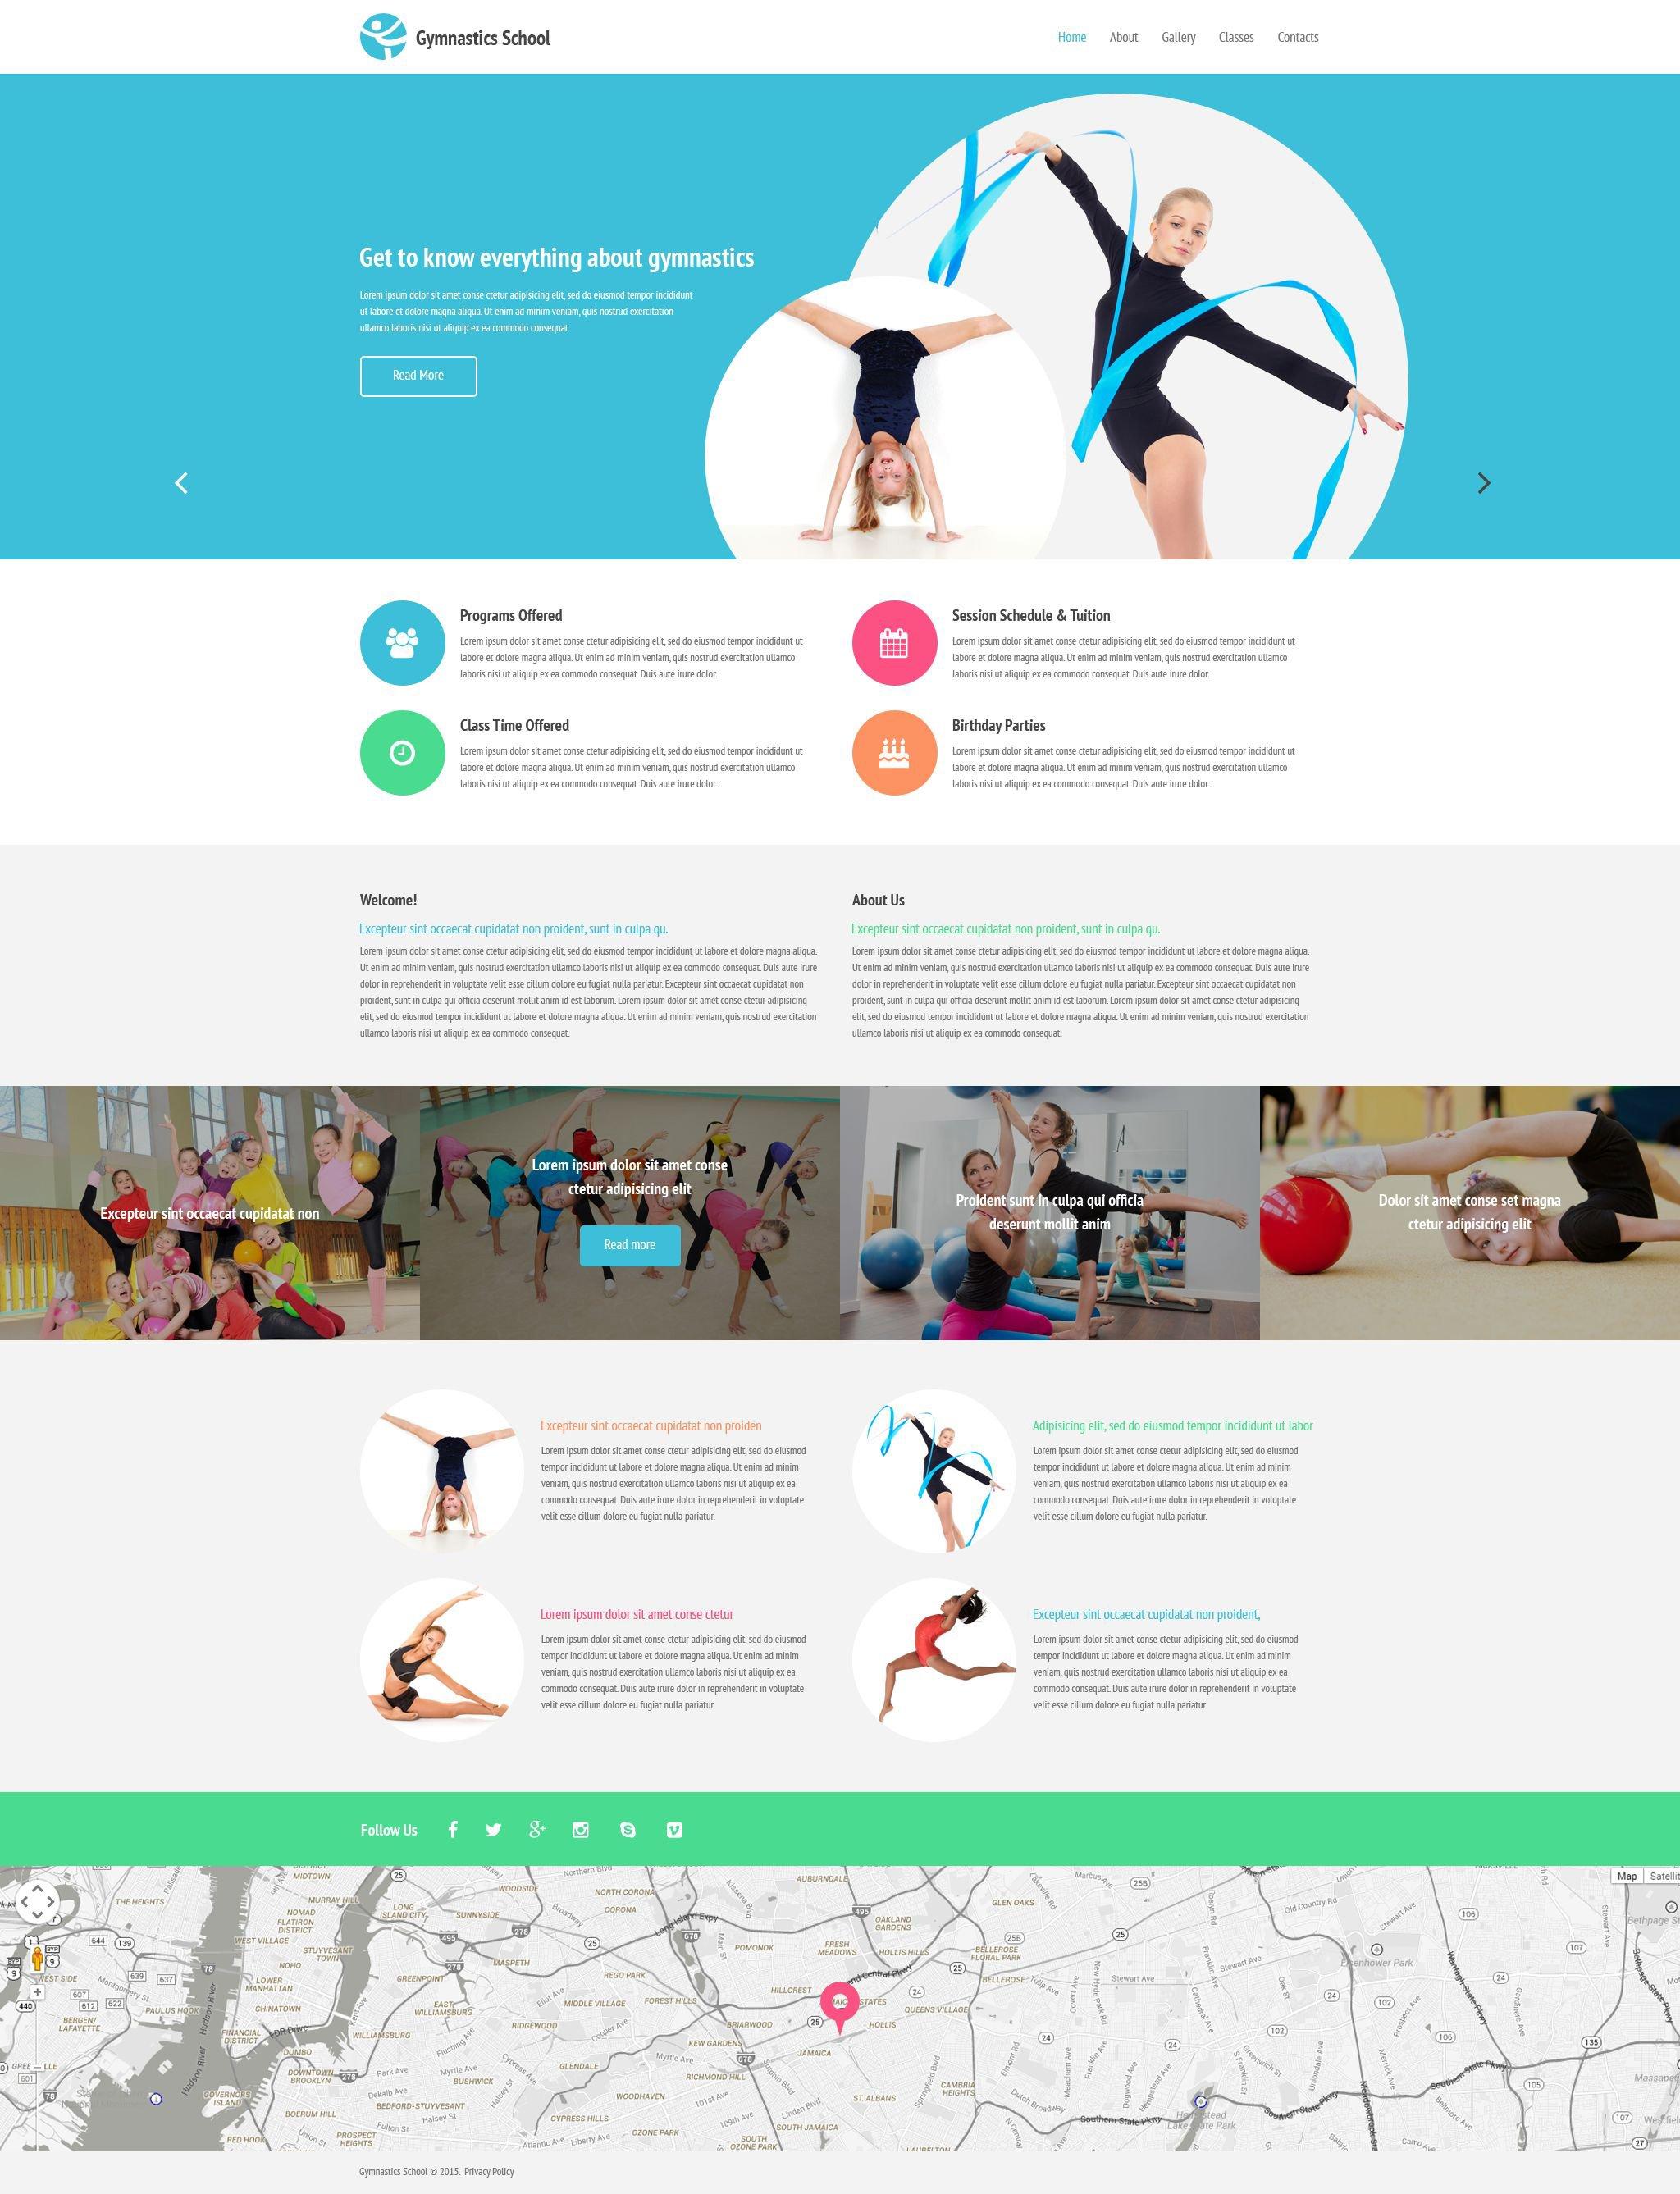 Responsywny szablon strony www Gymnastics School #54544 - zrzut ekranu